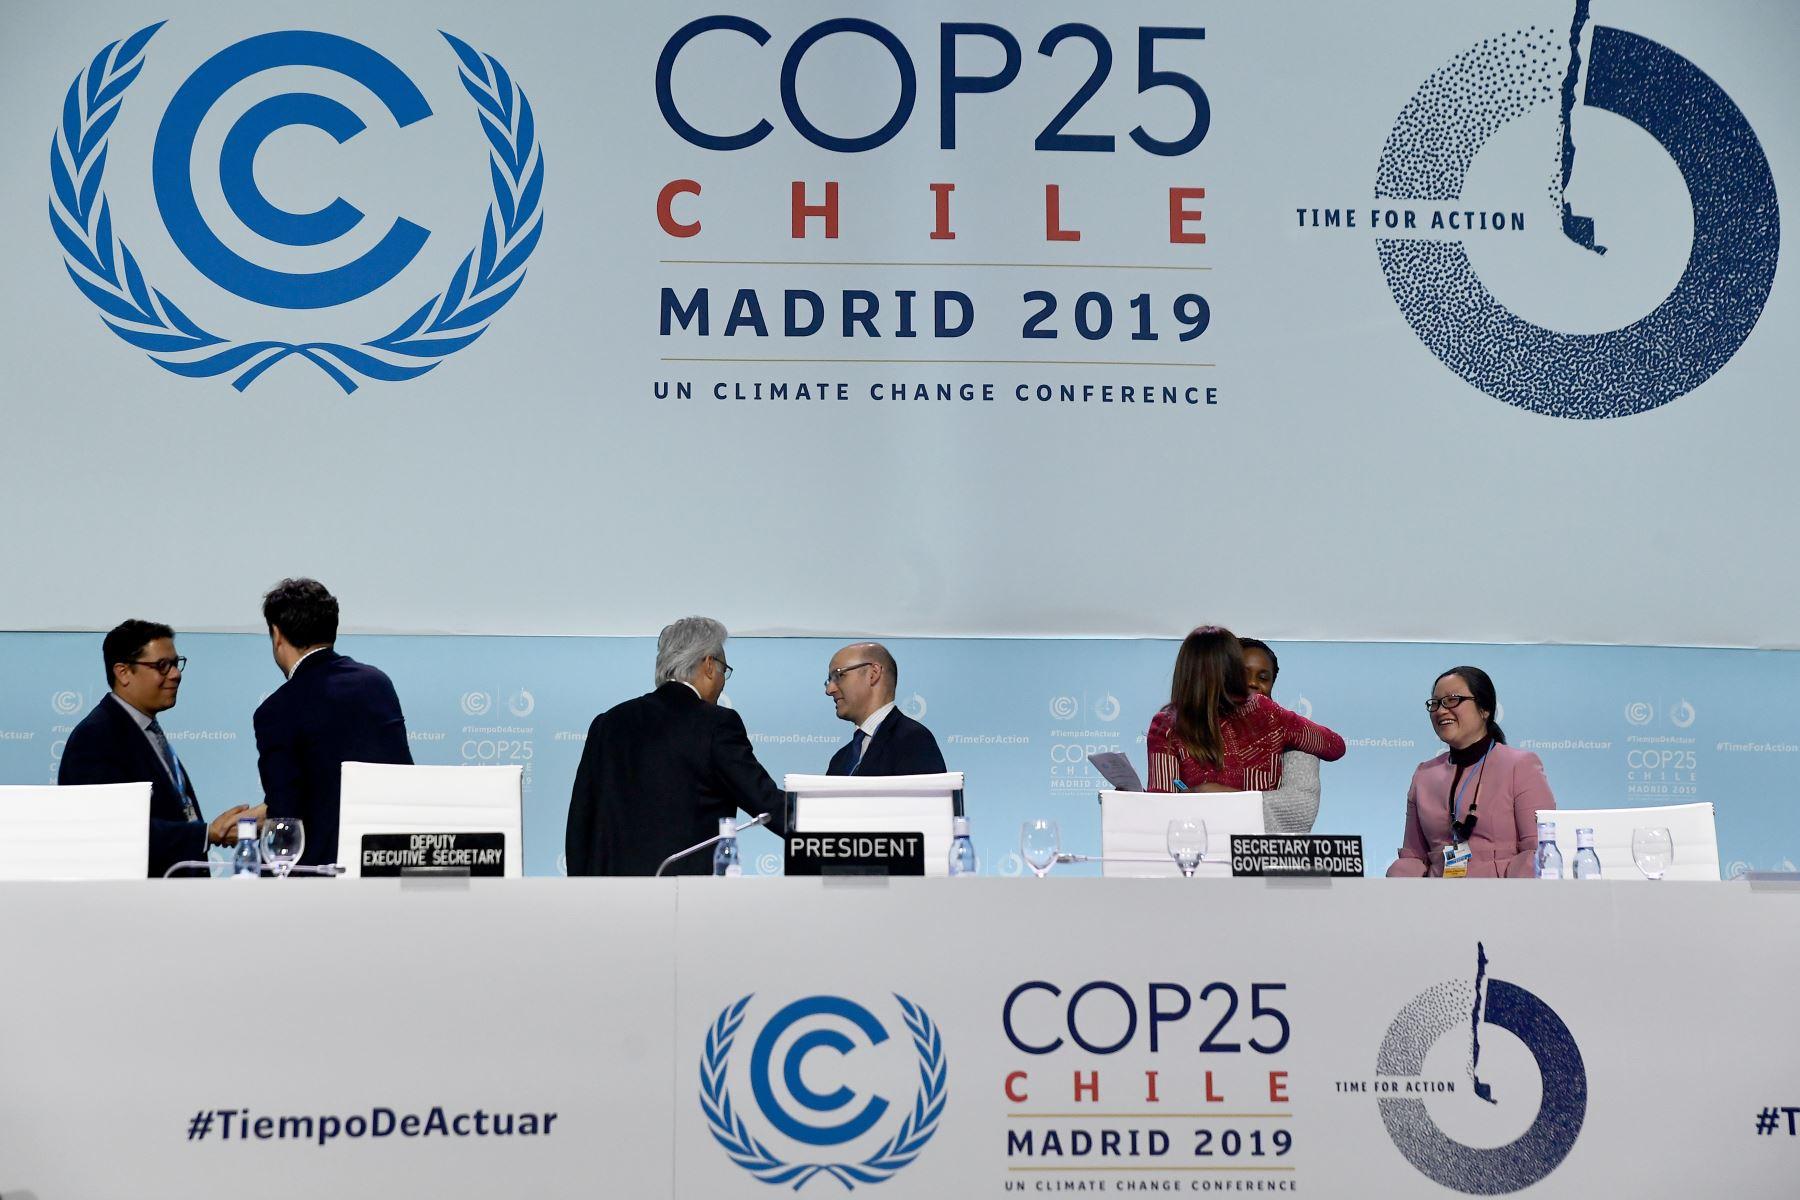 Los delegados se van después de la sesión plenaria de clausura de la Conferencia de las Naciones Unidas sobre el Cambio Climático COP25 en el centro de exposiciones